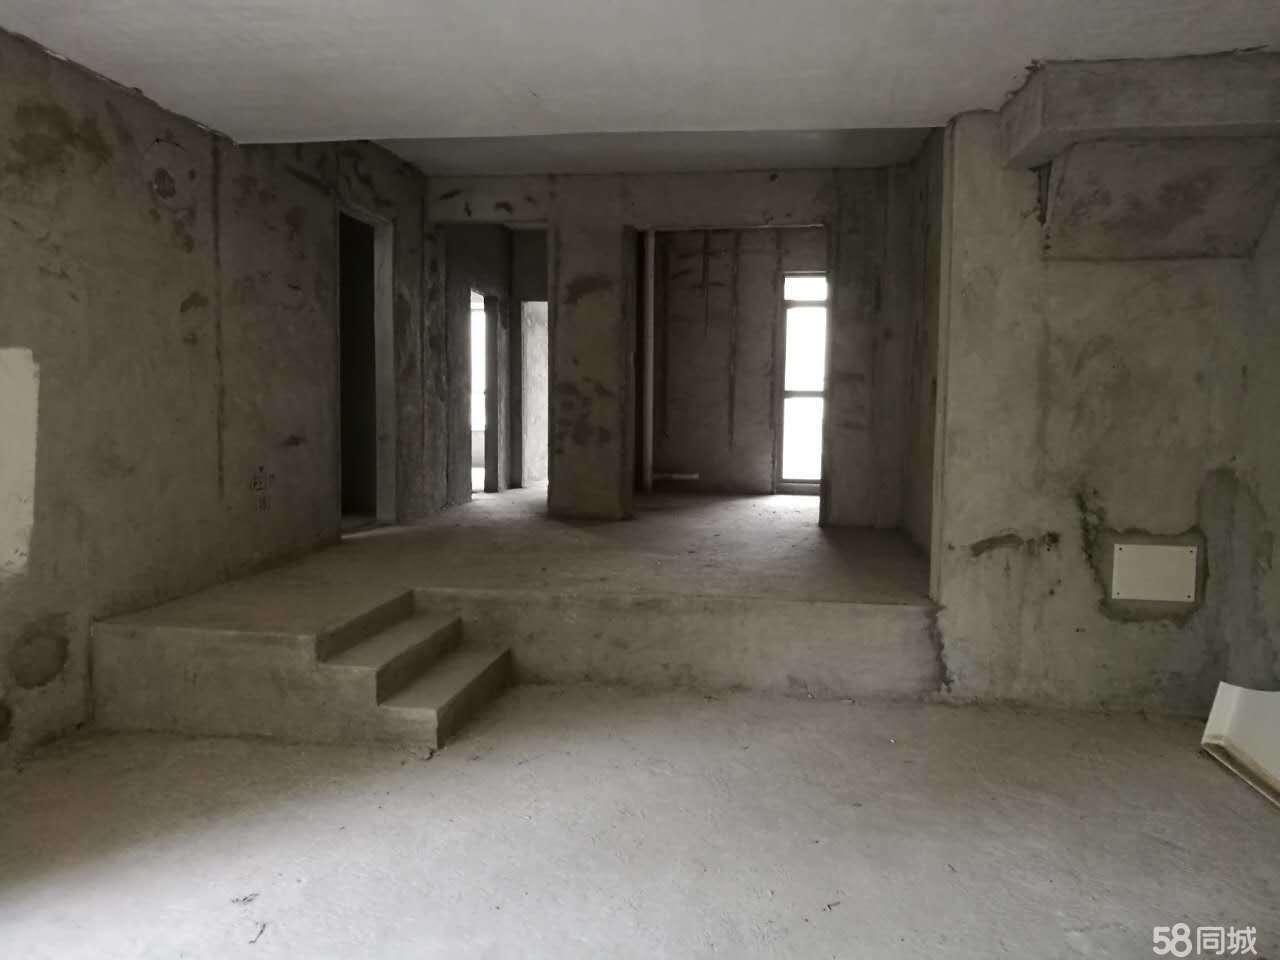 阳东中惠沁林山庄4室2厅3卫223㎡带60平方花园